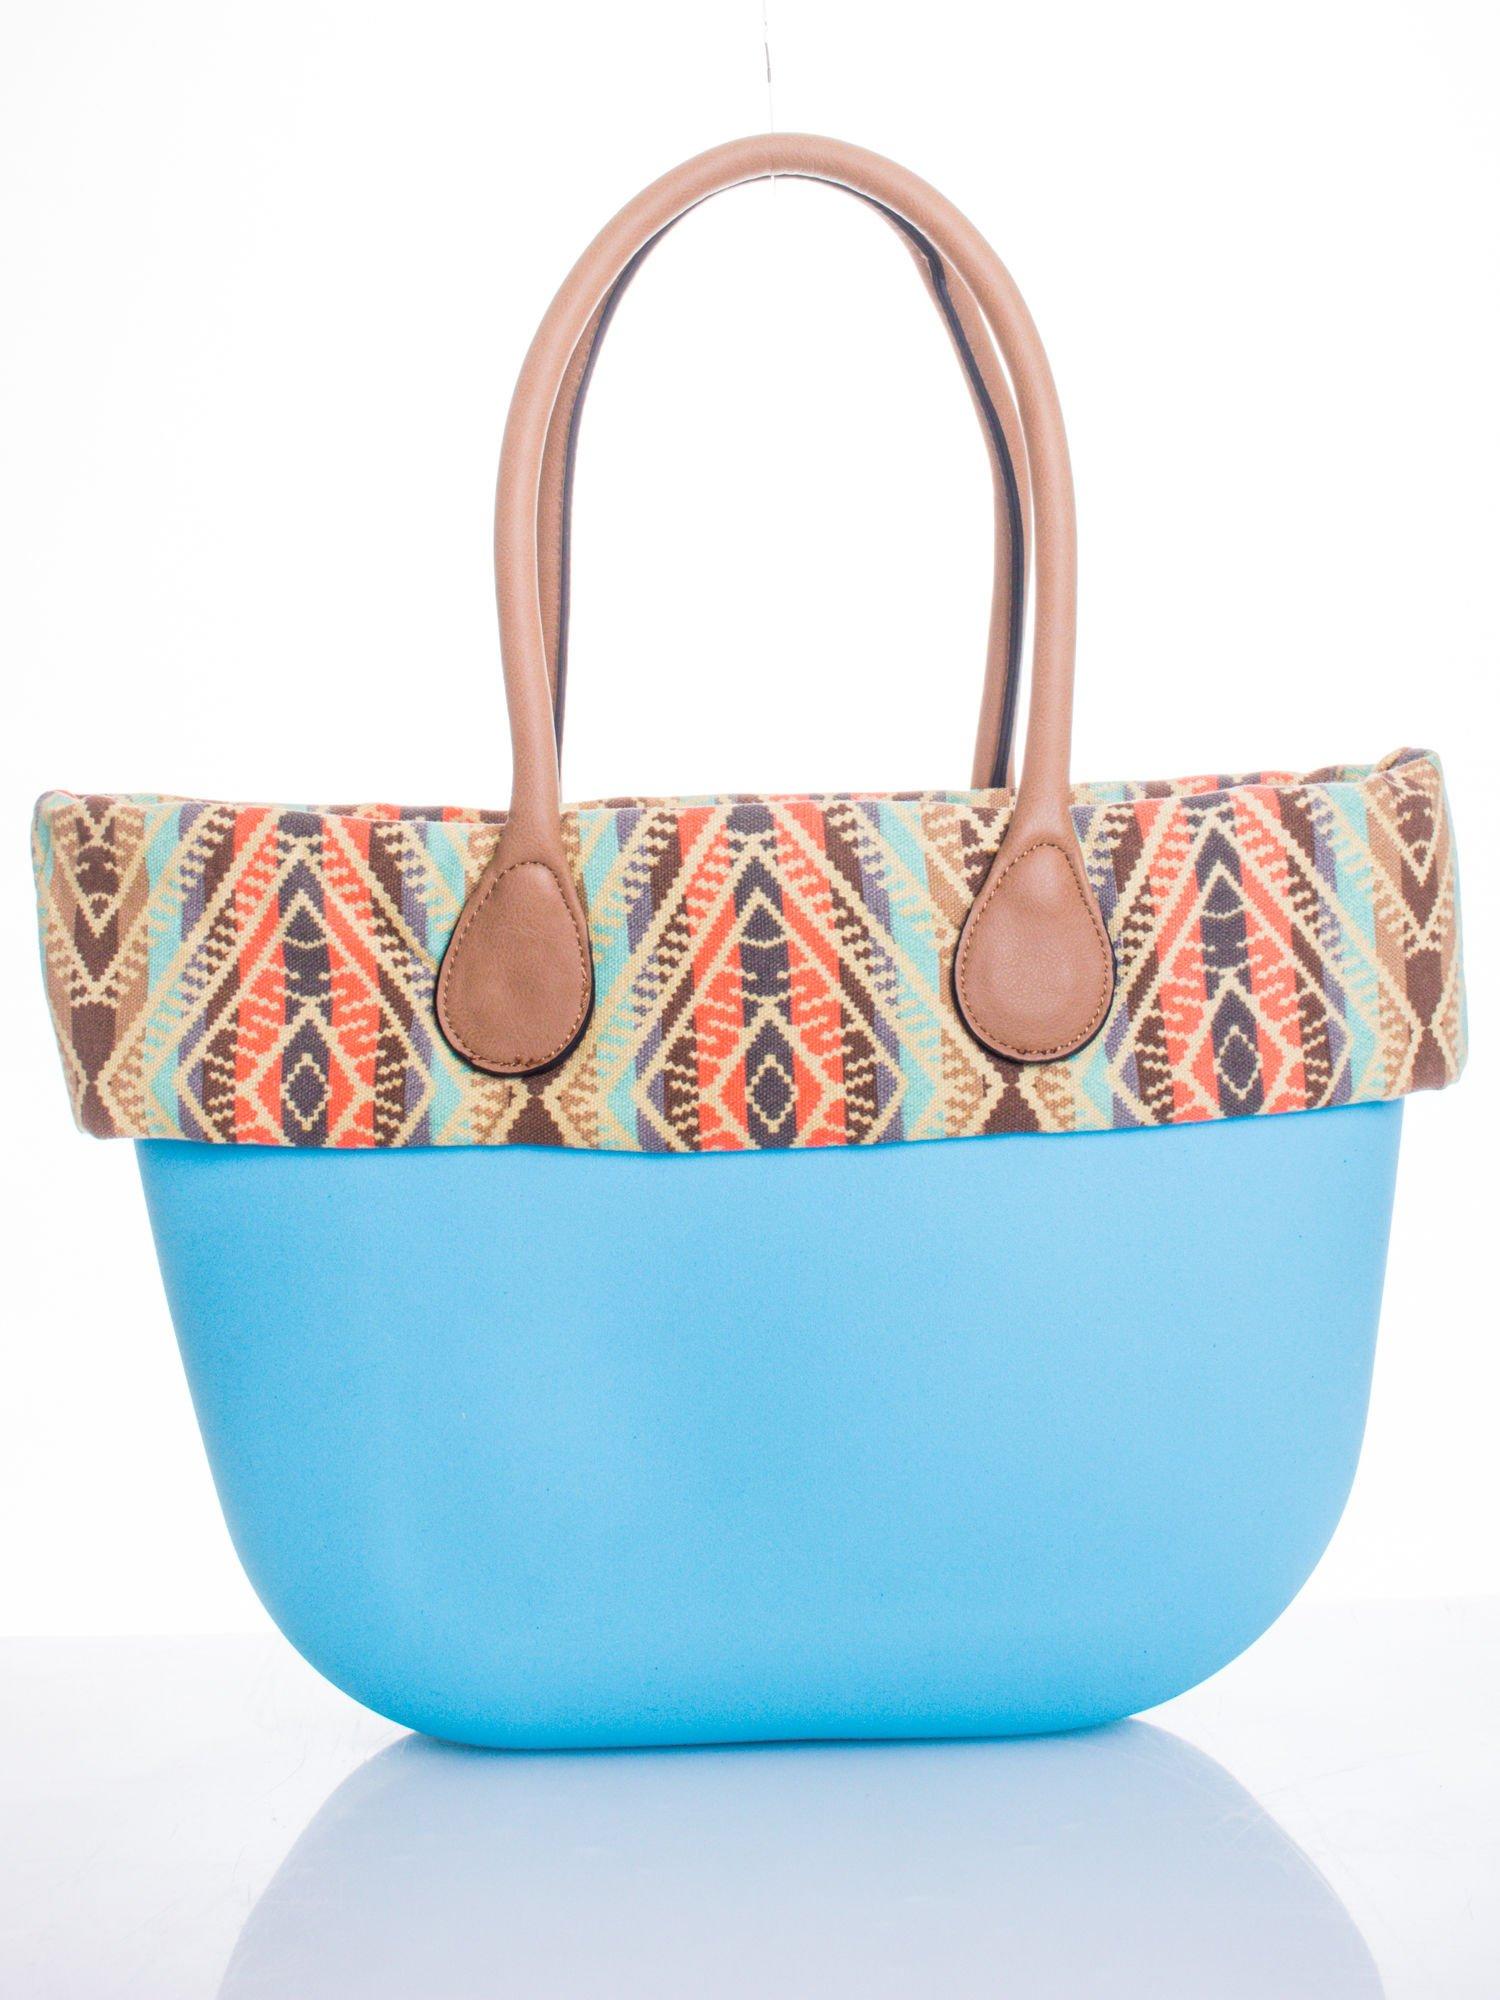 Jasnoniebieska torba gumowa z motywem azteckim                                  zdj.                                  1